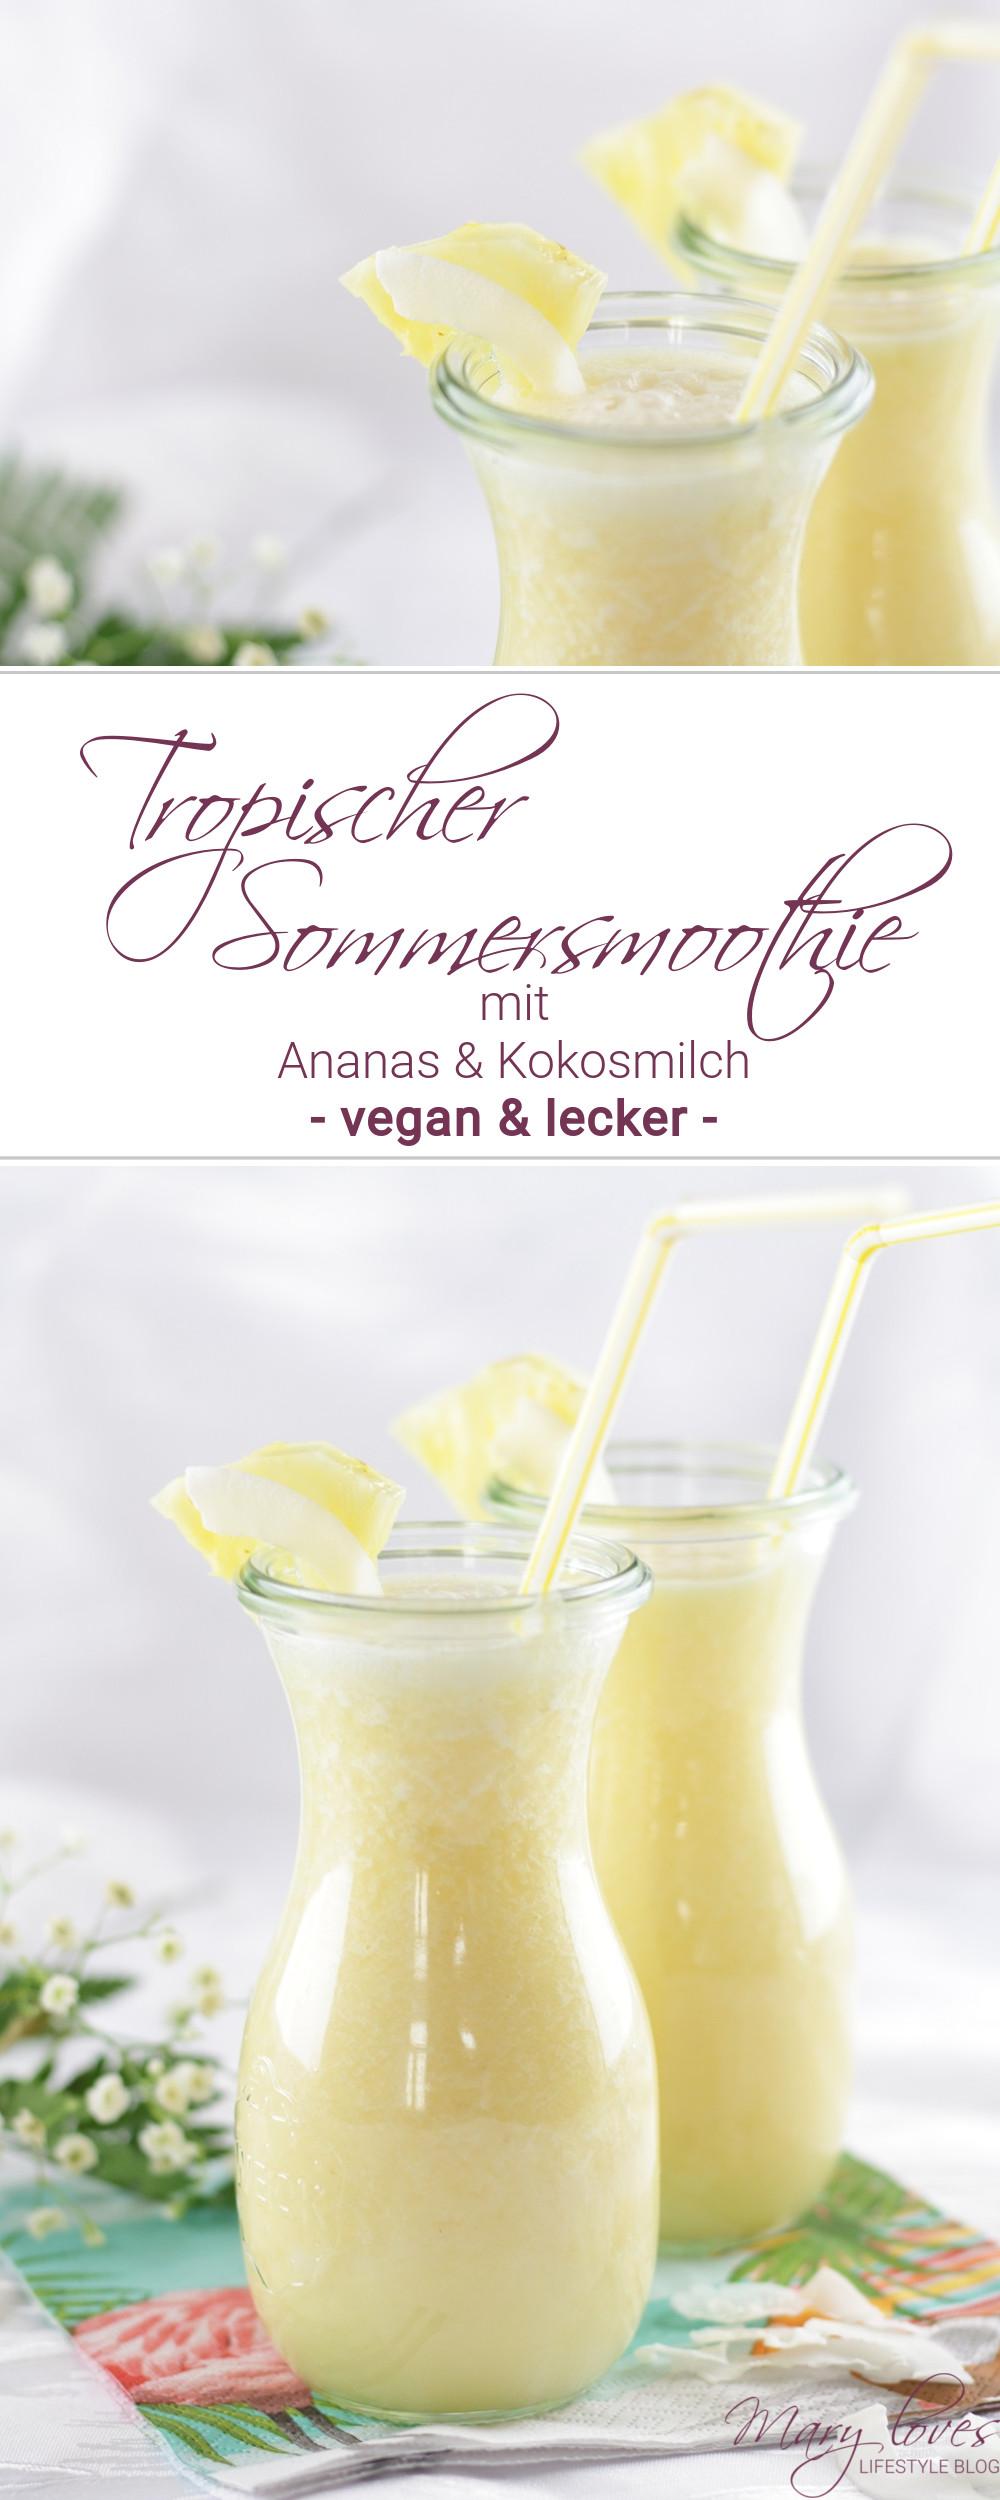 Tropisches Sommergetränk - Ananas-Kokos-Smoothie - #smoothie #ananassmoothie #kokossmoothie #kokos #kokosmilch #ananas #sommergetränk #getränk #sommersmoothie